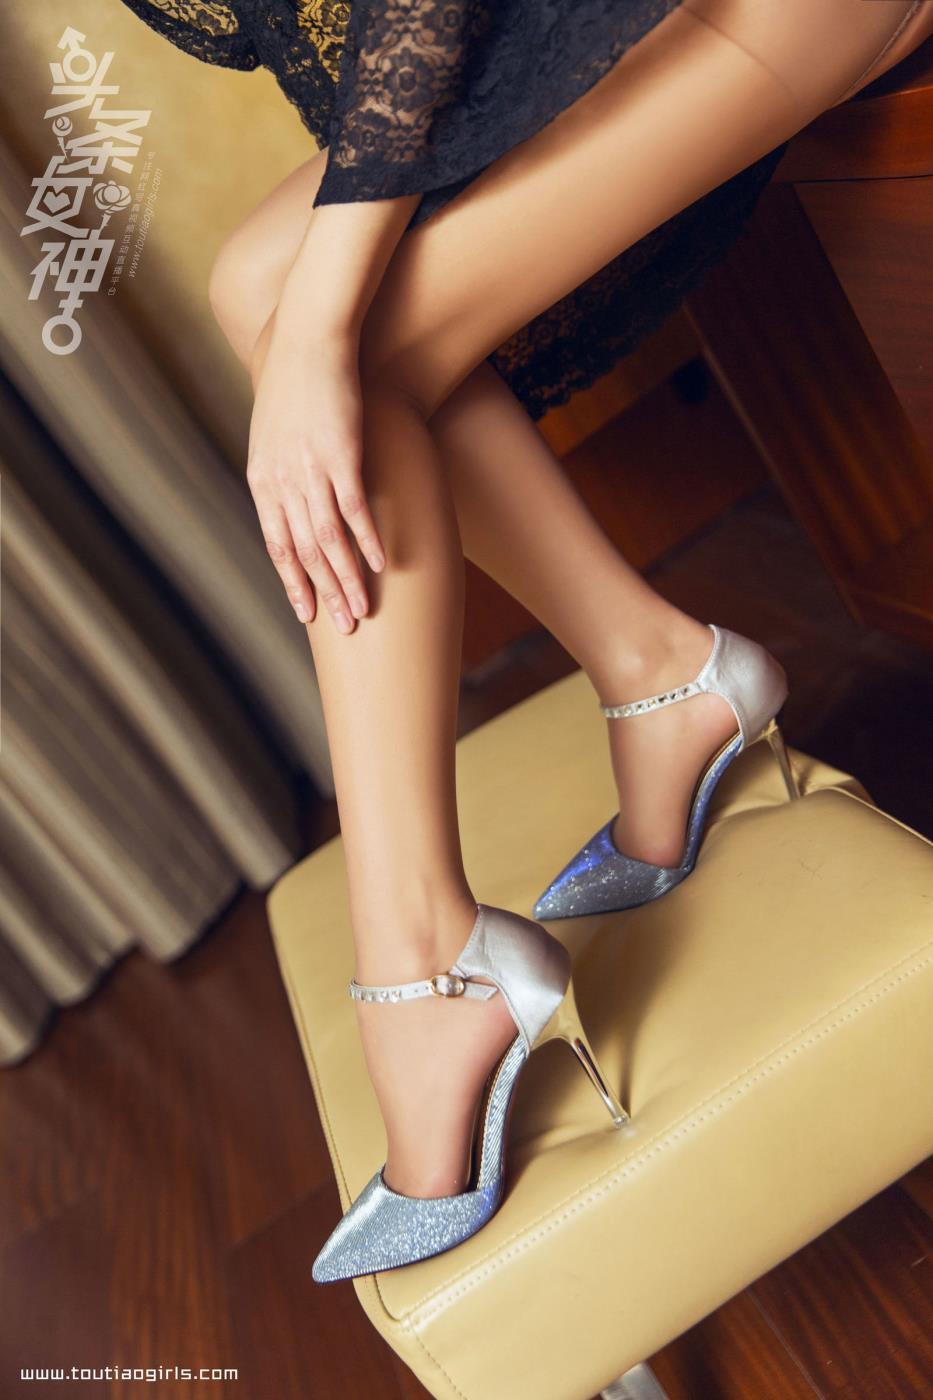 头条女神林宛倪性感尤物丝袜美腿私房写真套图